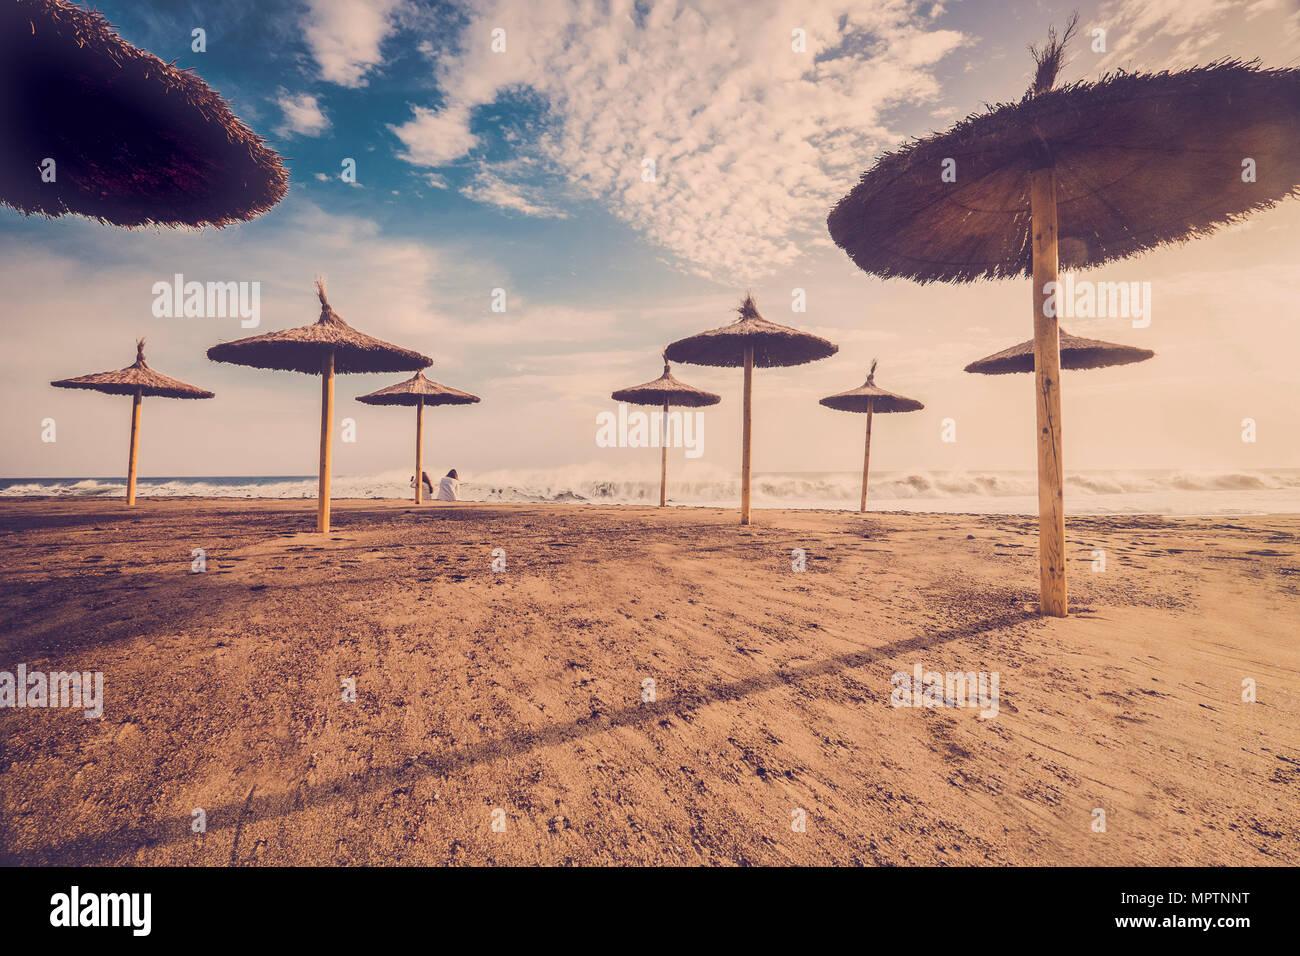 2 Frauen am Strand mit viel Stroh Sonnenschirme bewundern, das Meer und die Wellen an einem schönen Sommertag Stockbild